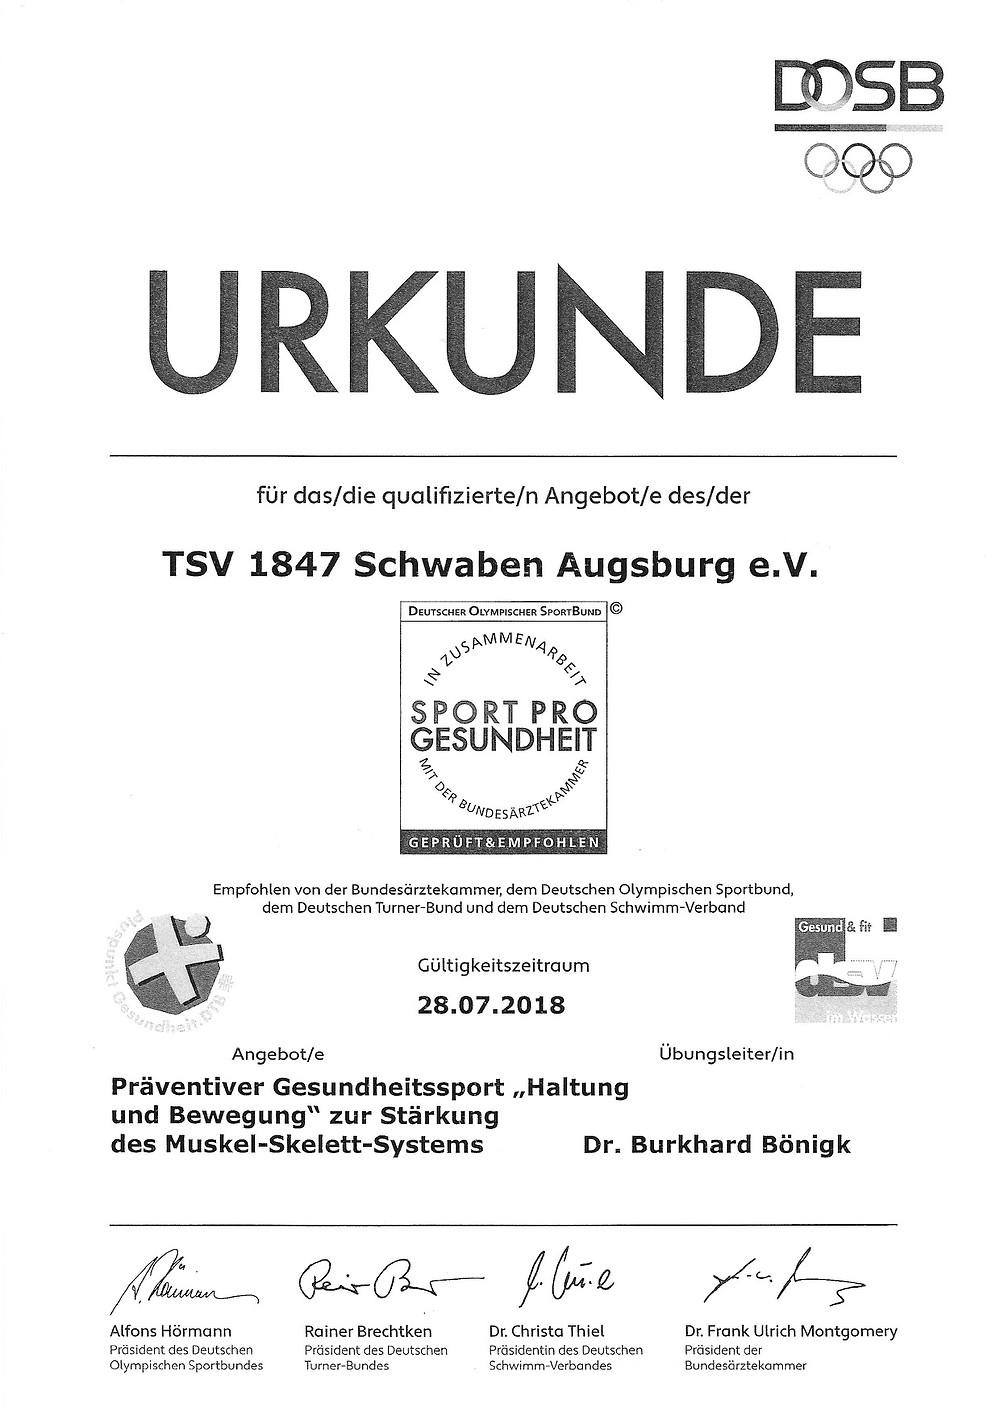 Laufinstinkt Schwaben Augsburg - Sport Pro Gesundheit - Urkunde 2